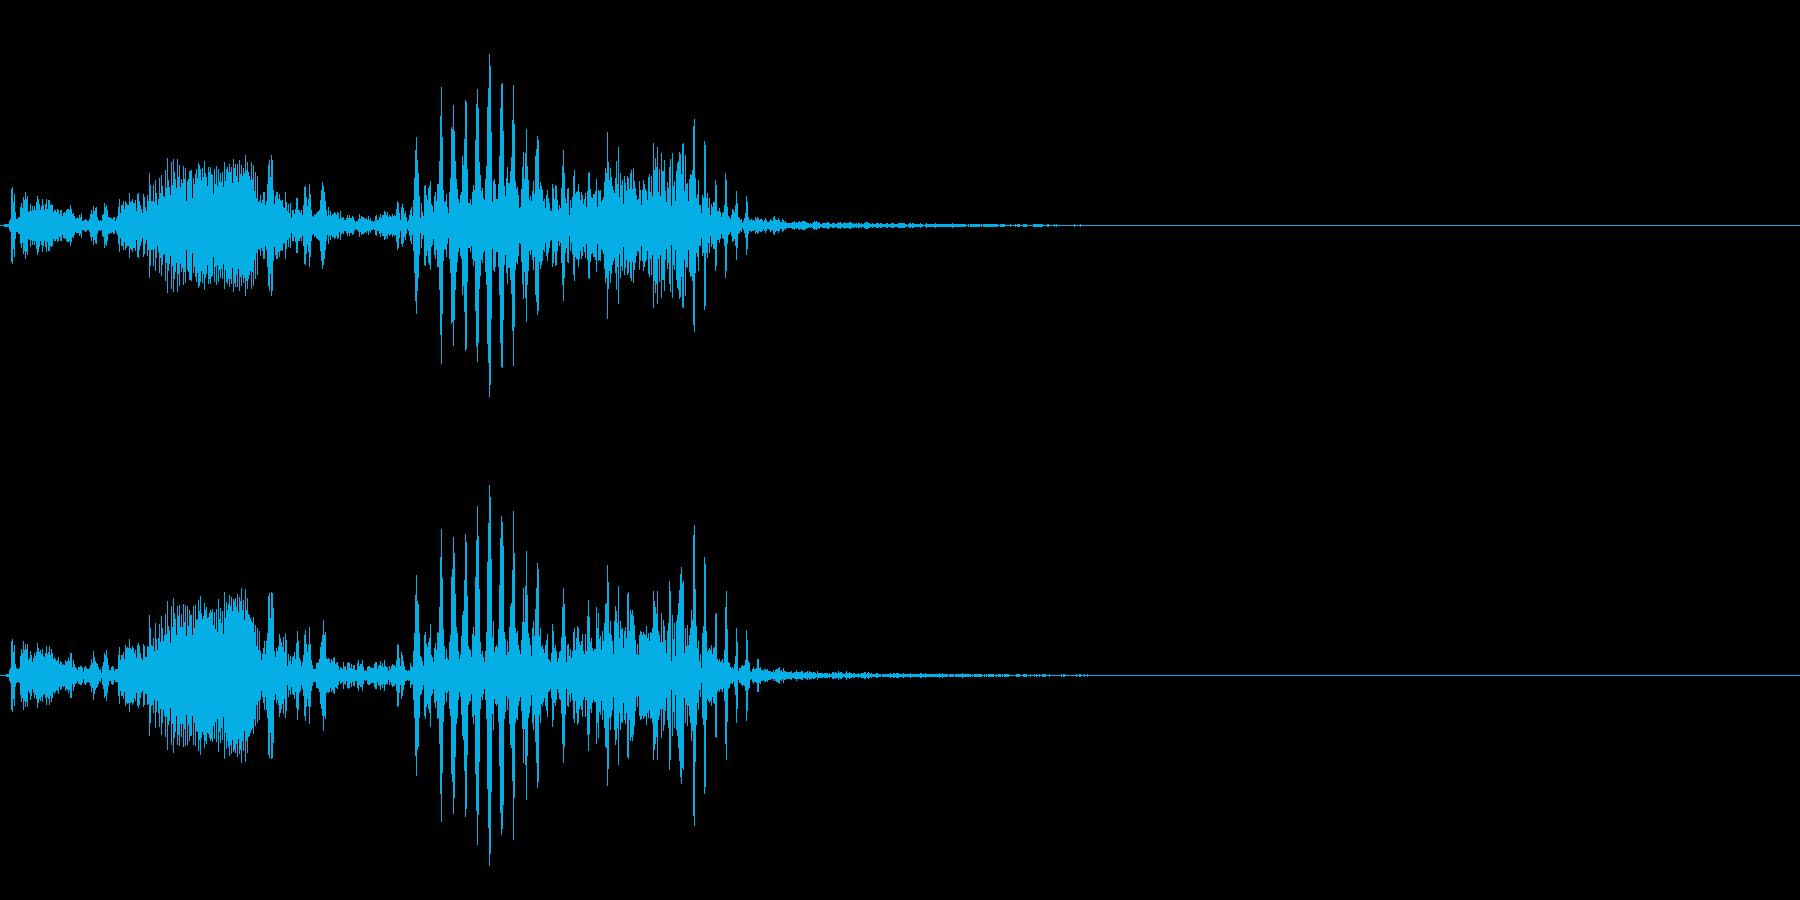 【生録音】フラミンゴの鳴き声 20の再生済みの波形